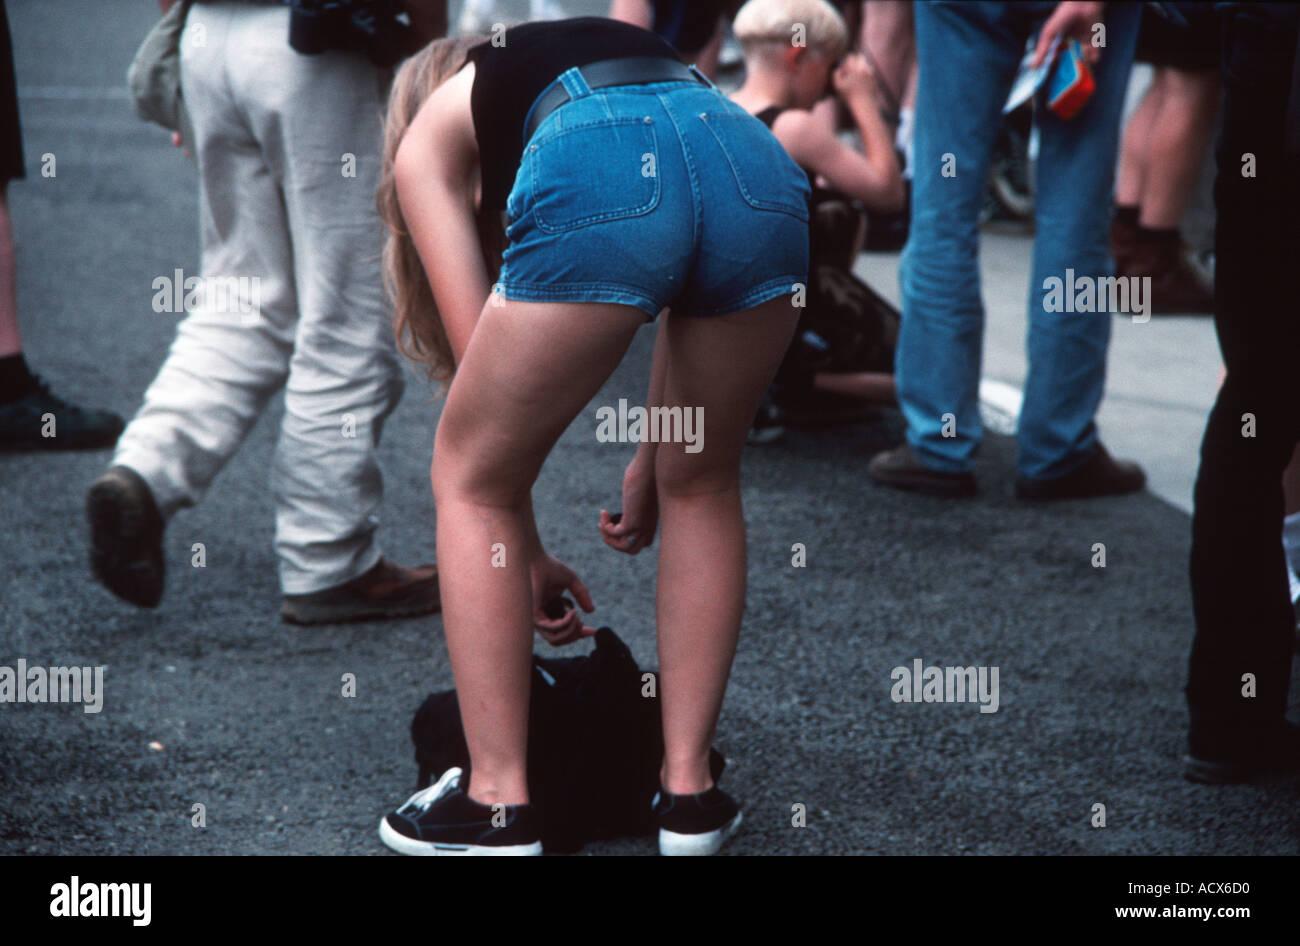 girl bending over